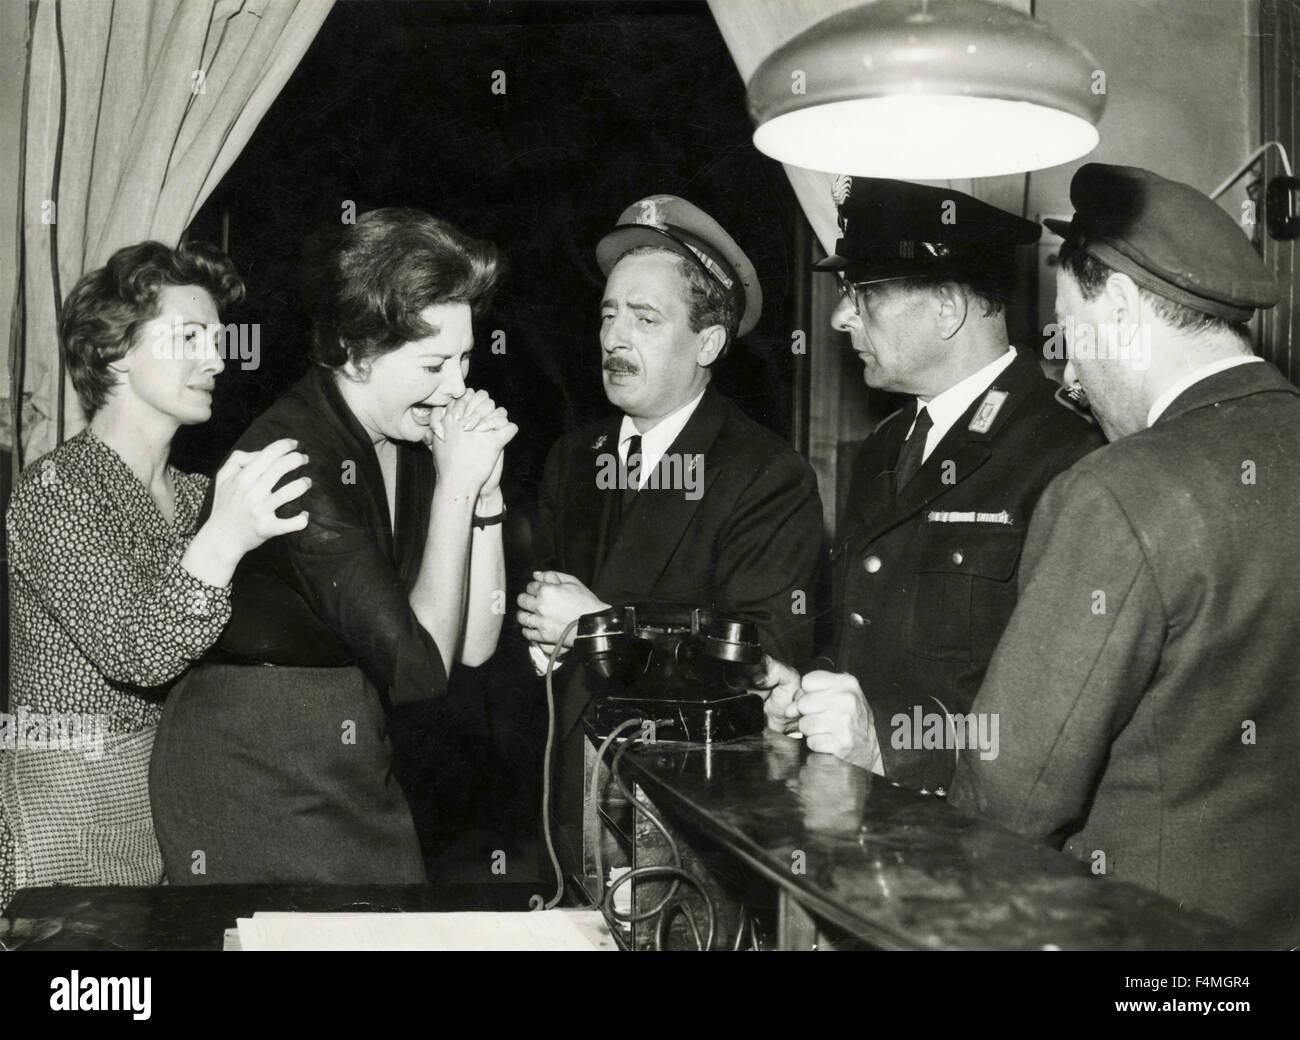 Betty Foa and Nino Taranto in the movie 'Italia Piccola' - Stock Image